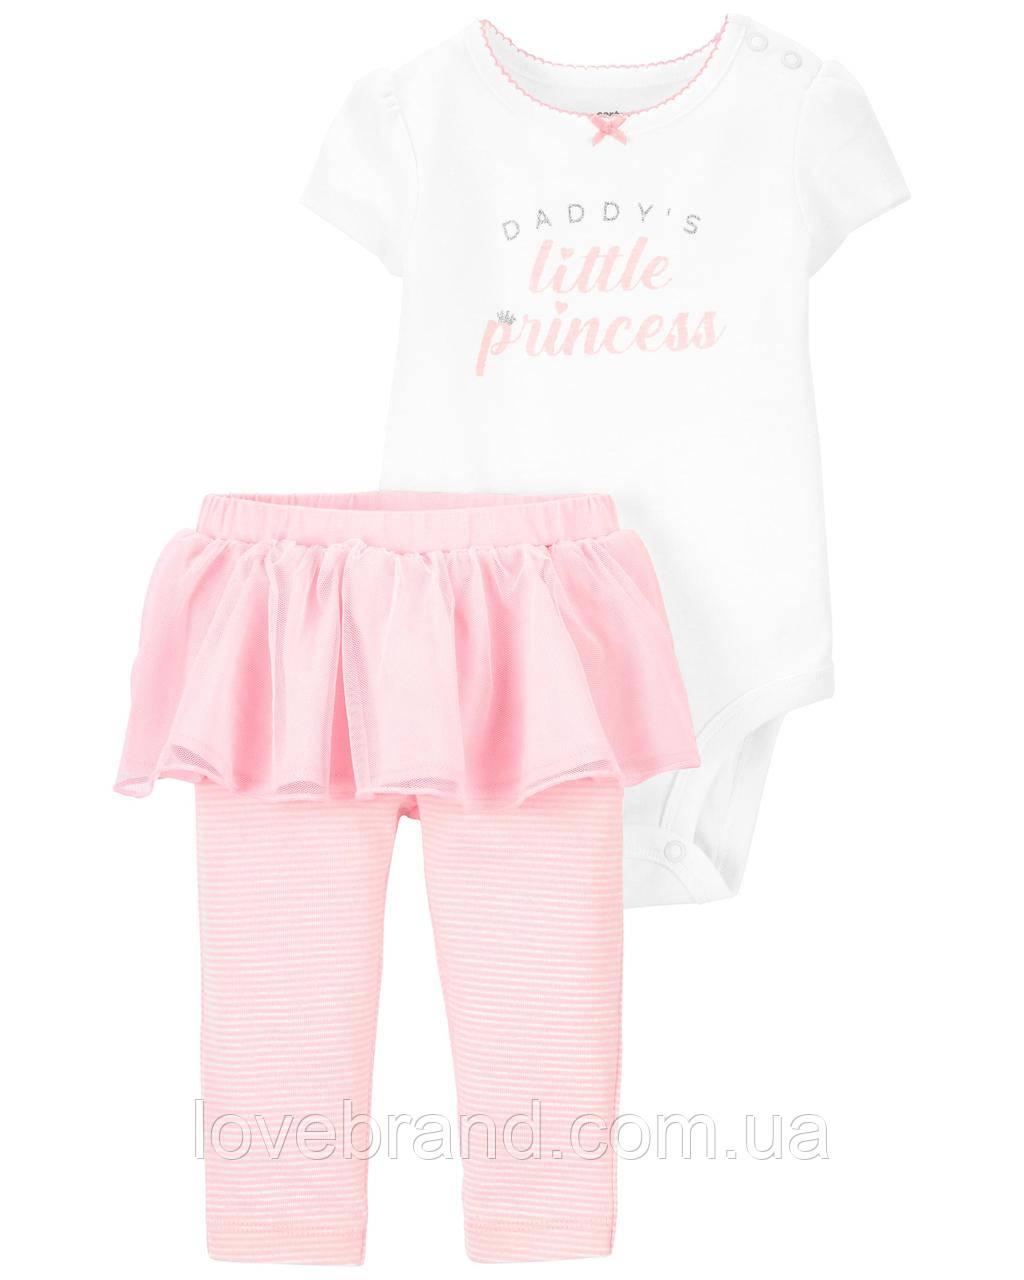 """Наборчик для девочки Carter's """"Папина принцесса""""  нежно розовый"""